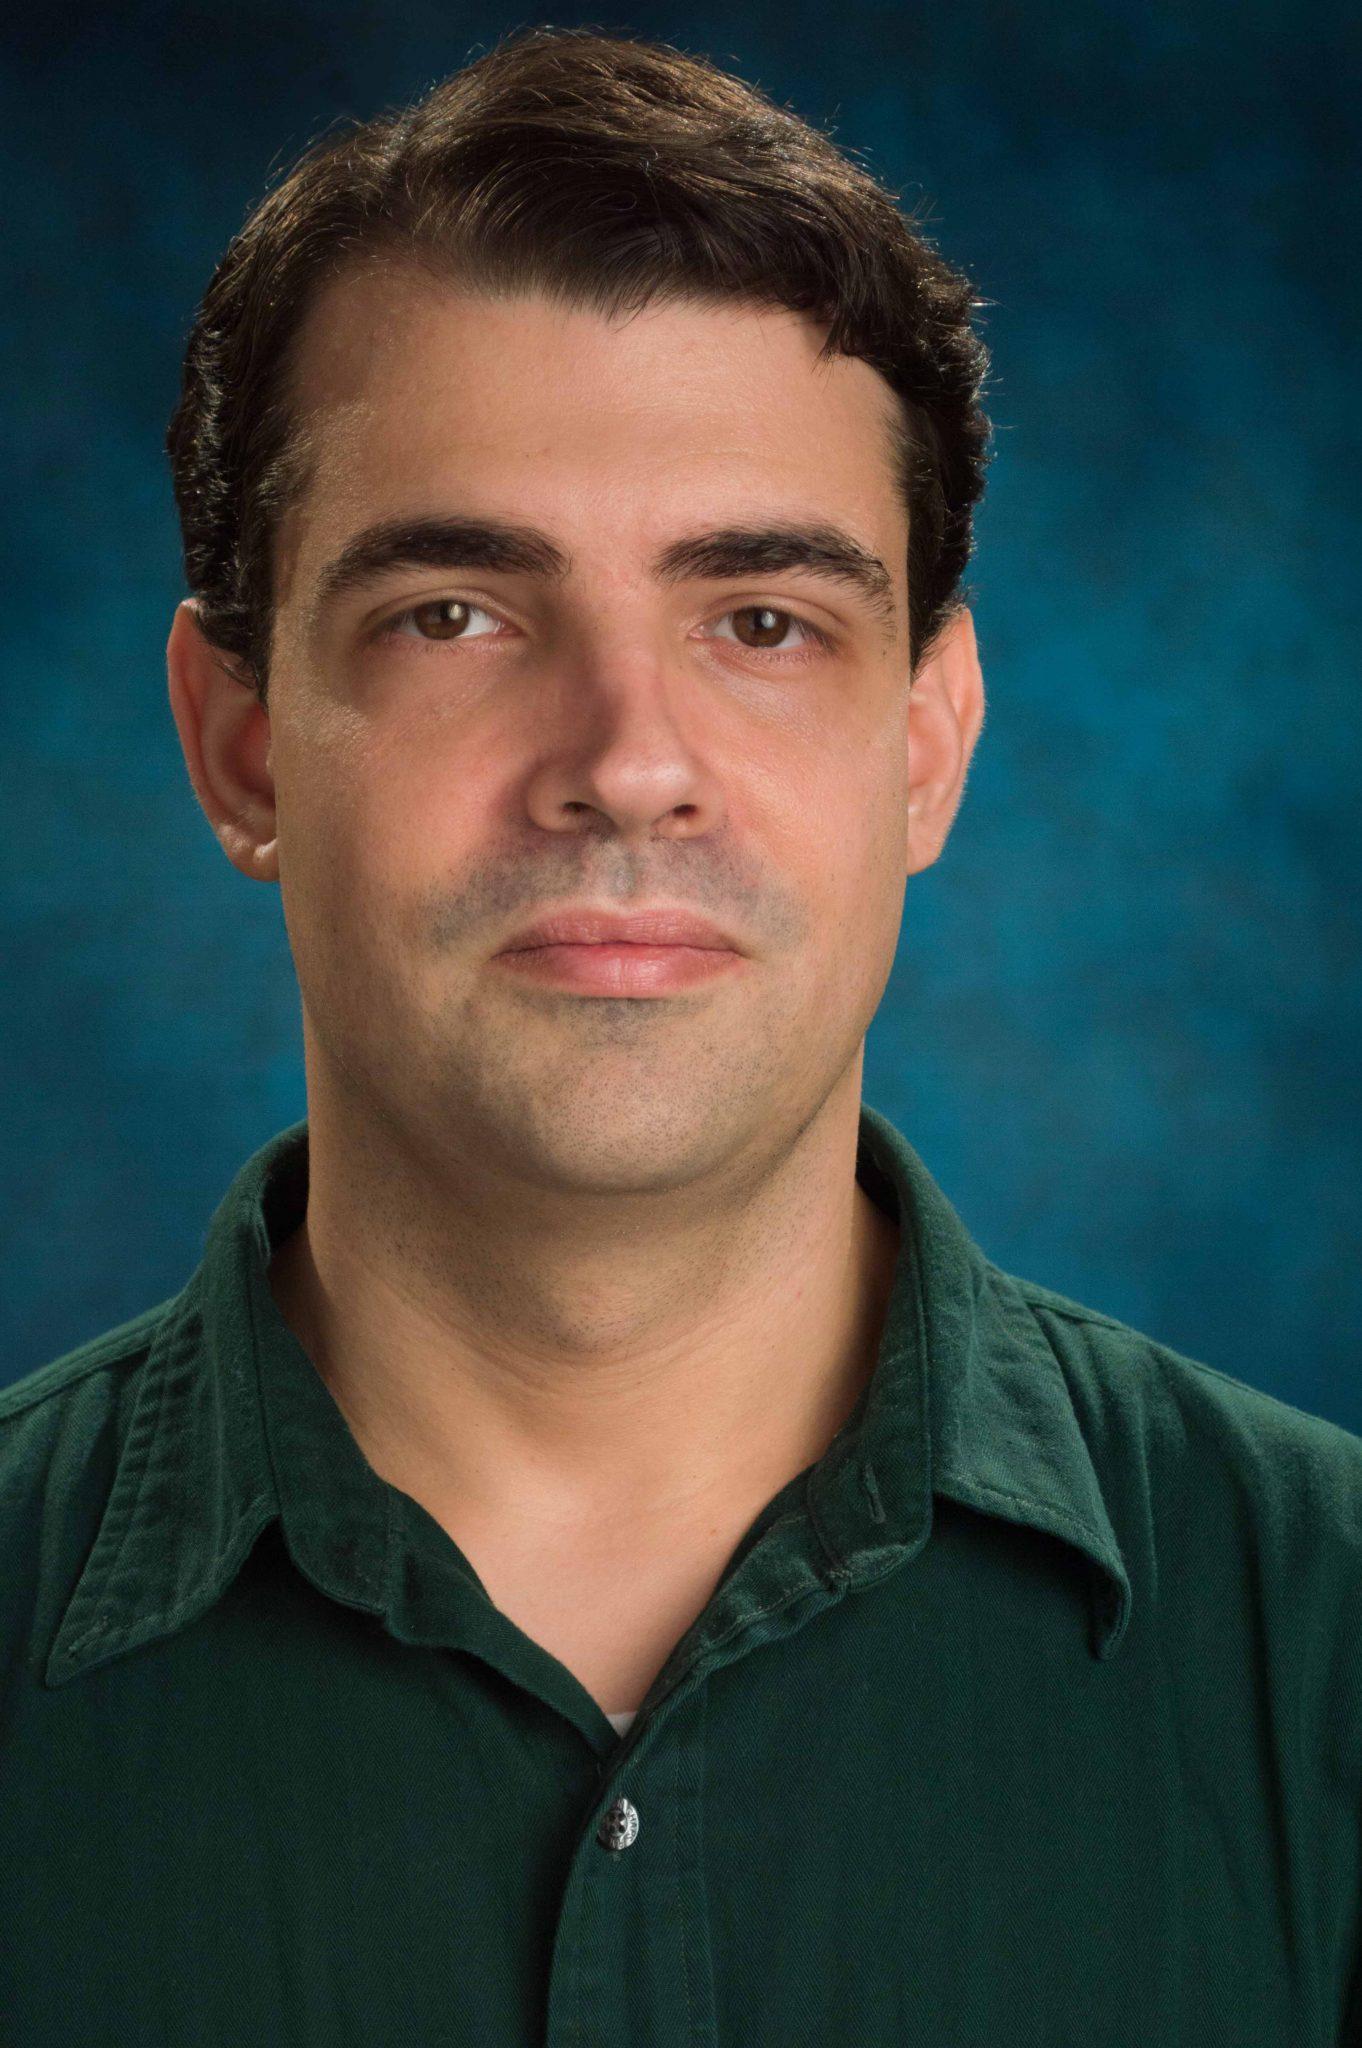 Michael Tarno